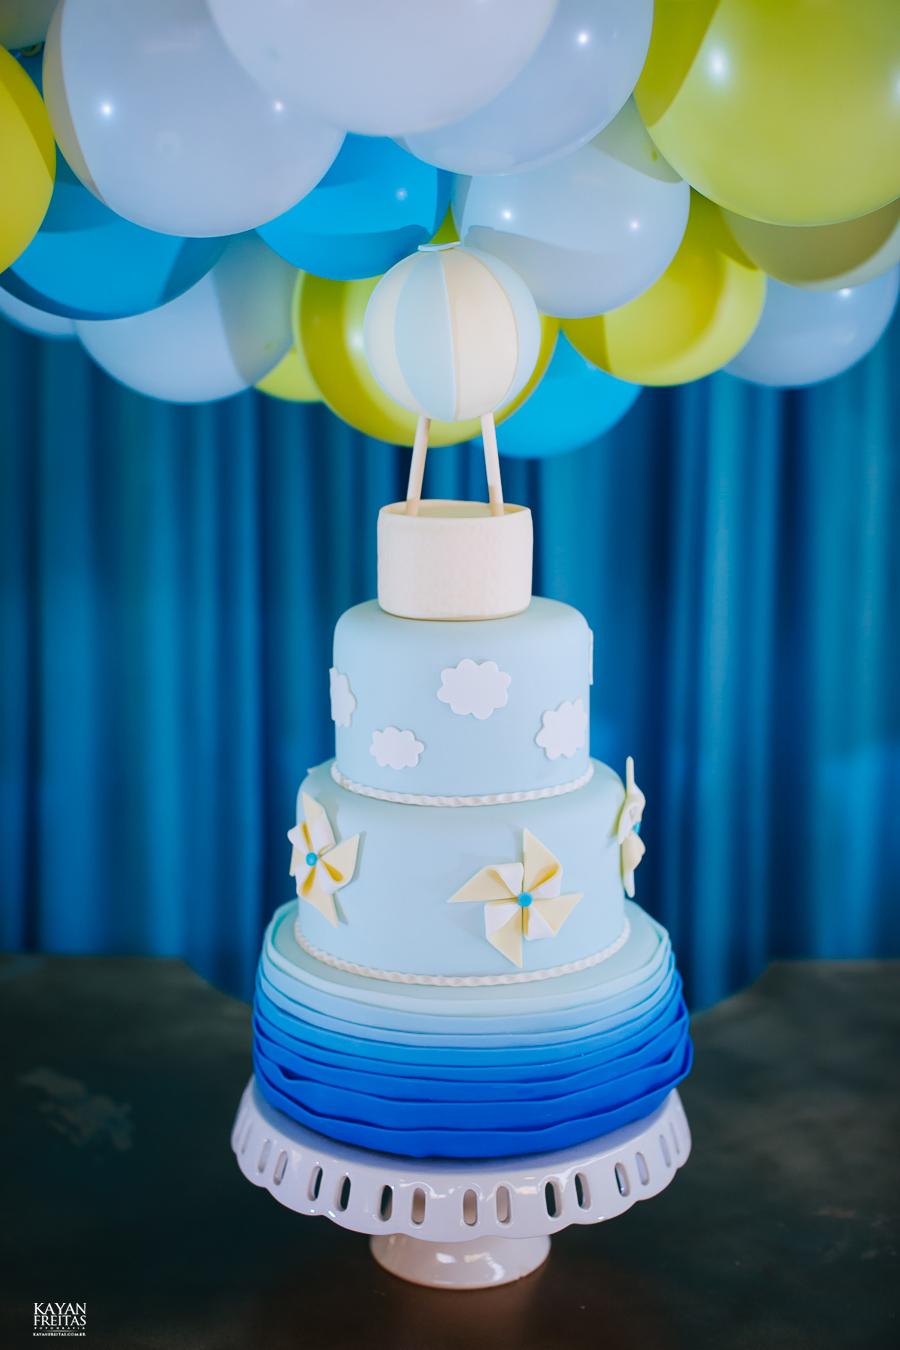 gui-1ano-0003 Guilherme - Aniversário de 1 ano - Sonho de Festas